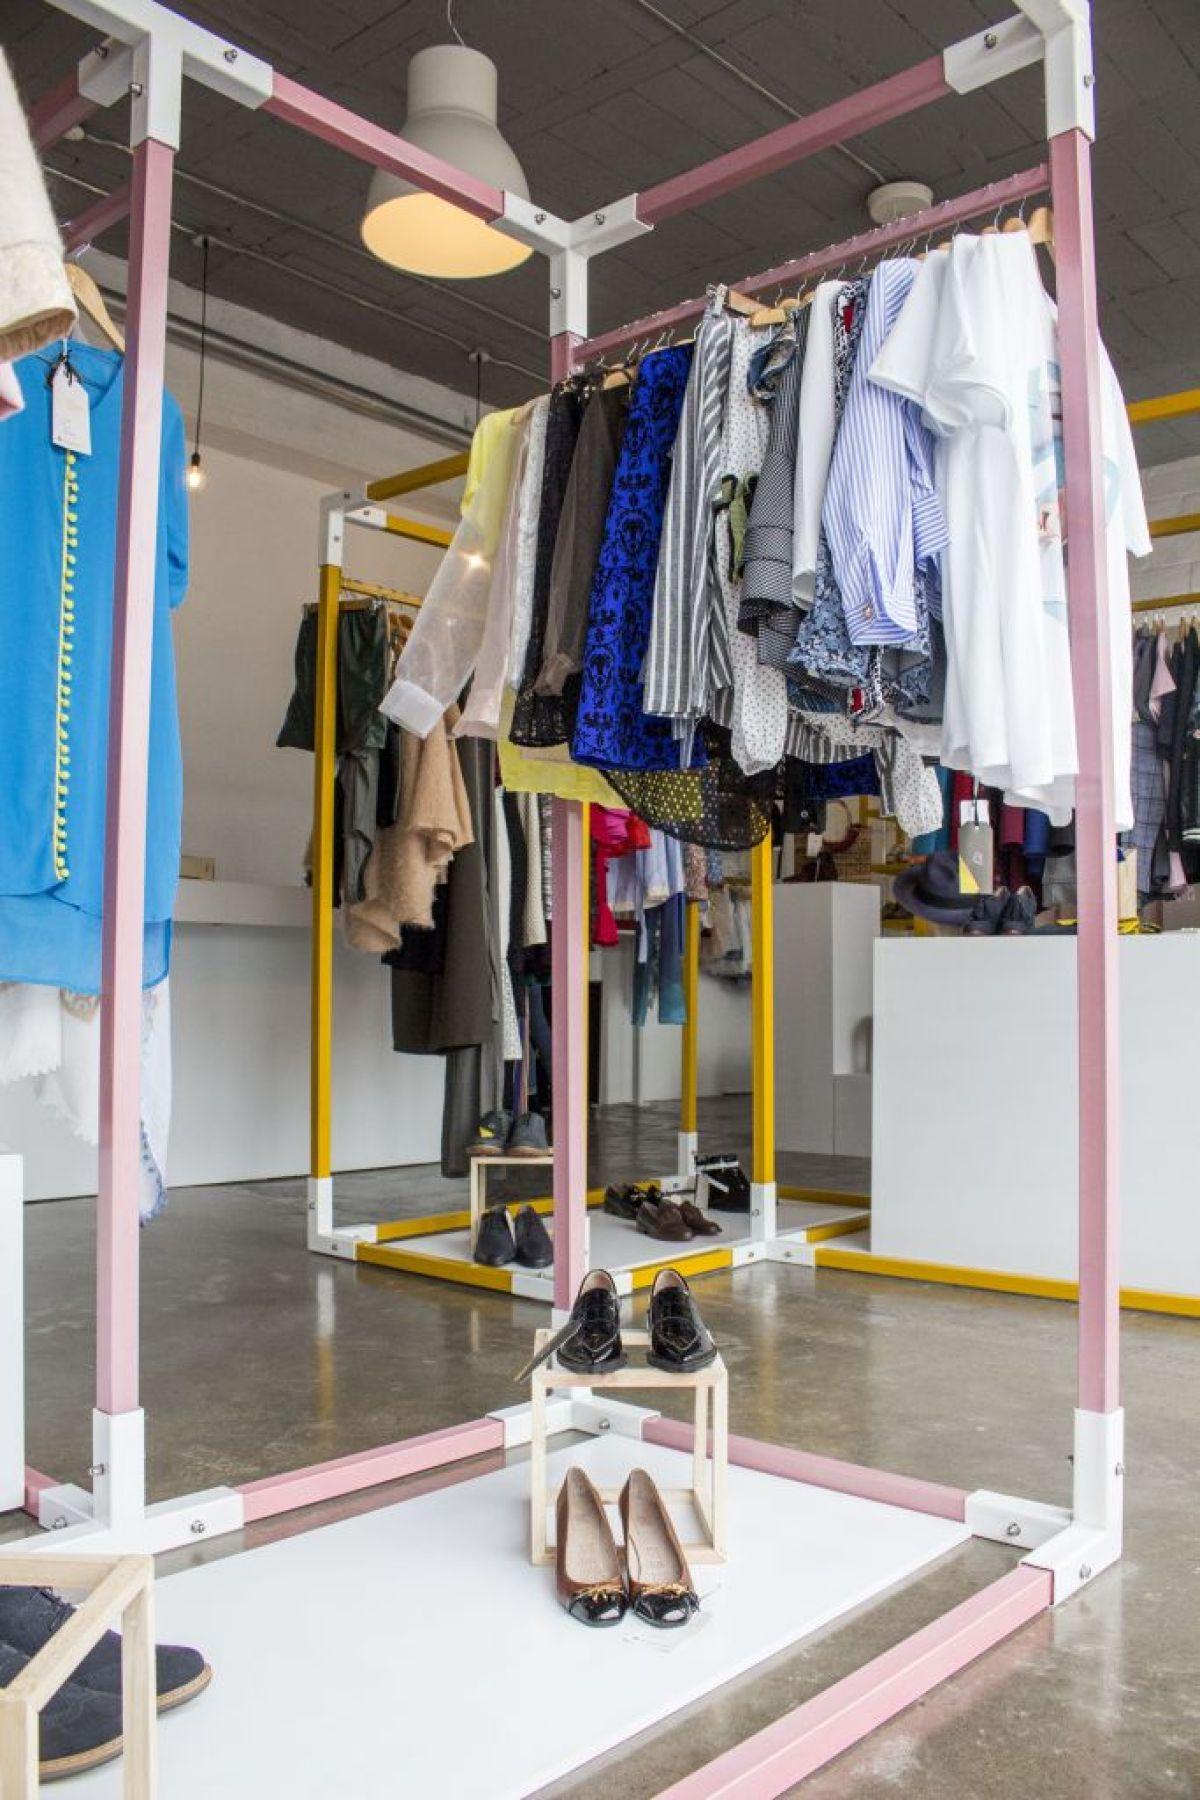 designer society lifestyle kiki moda ecuador 8